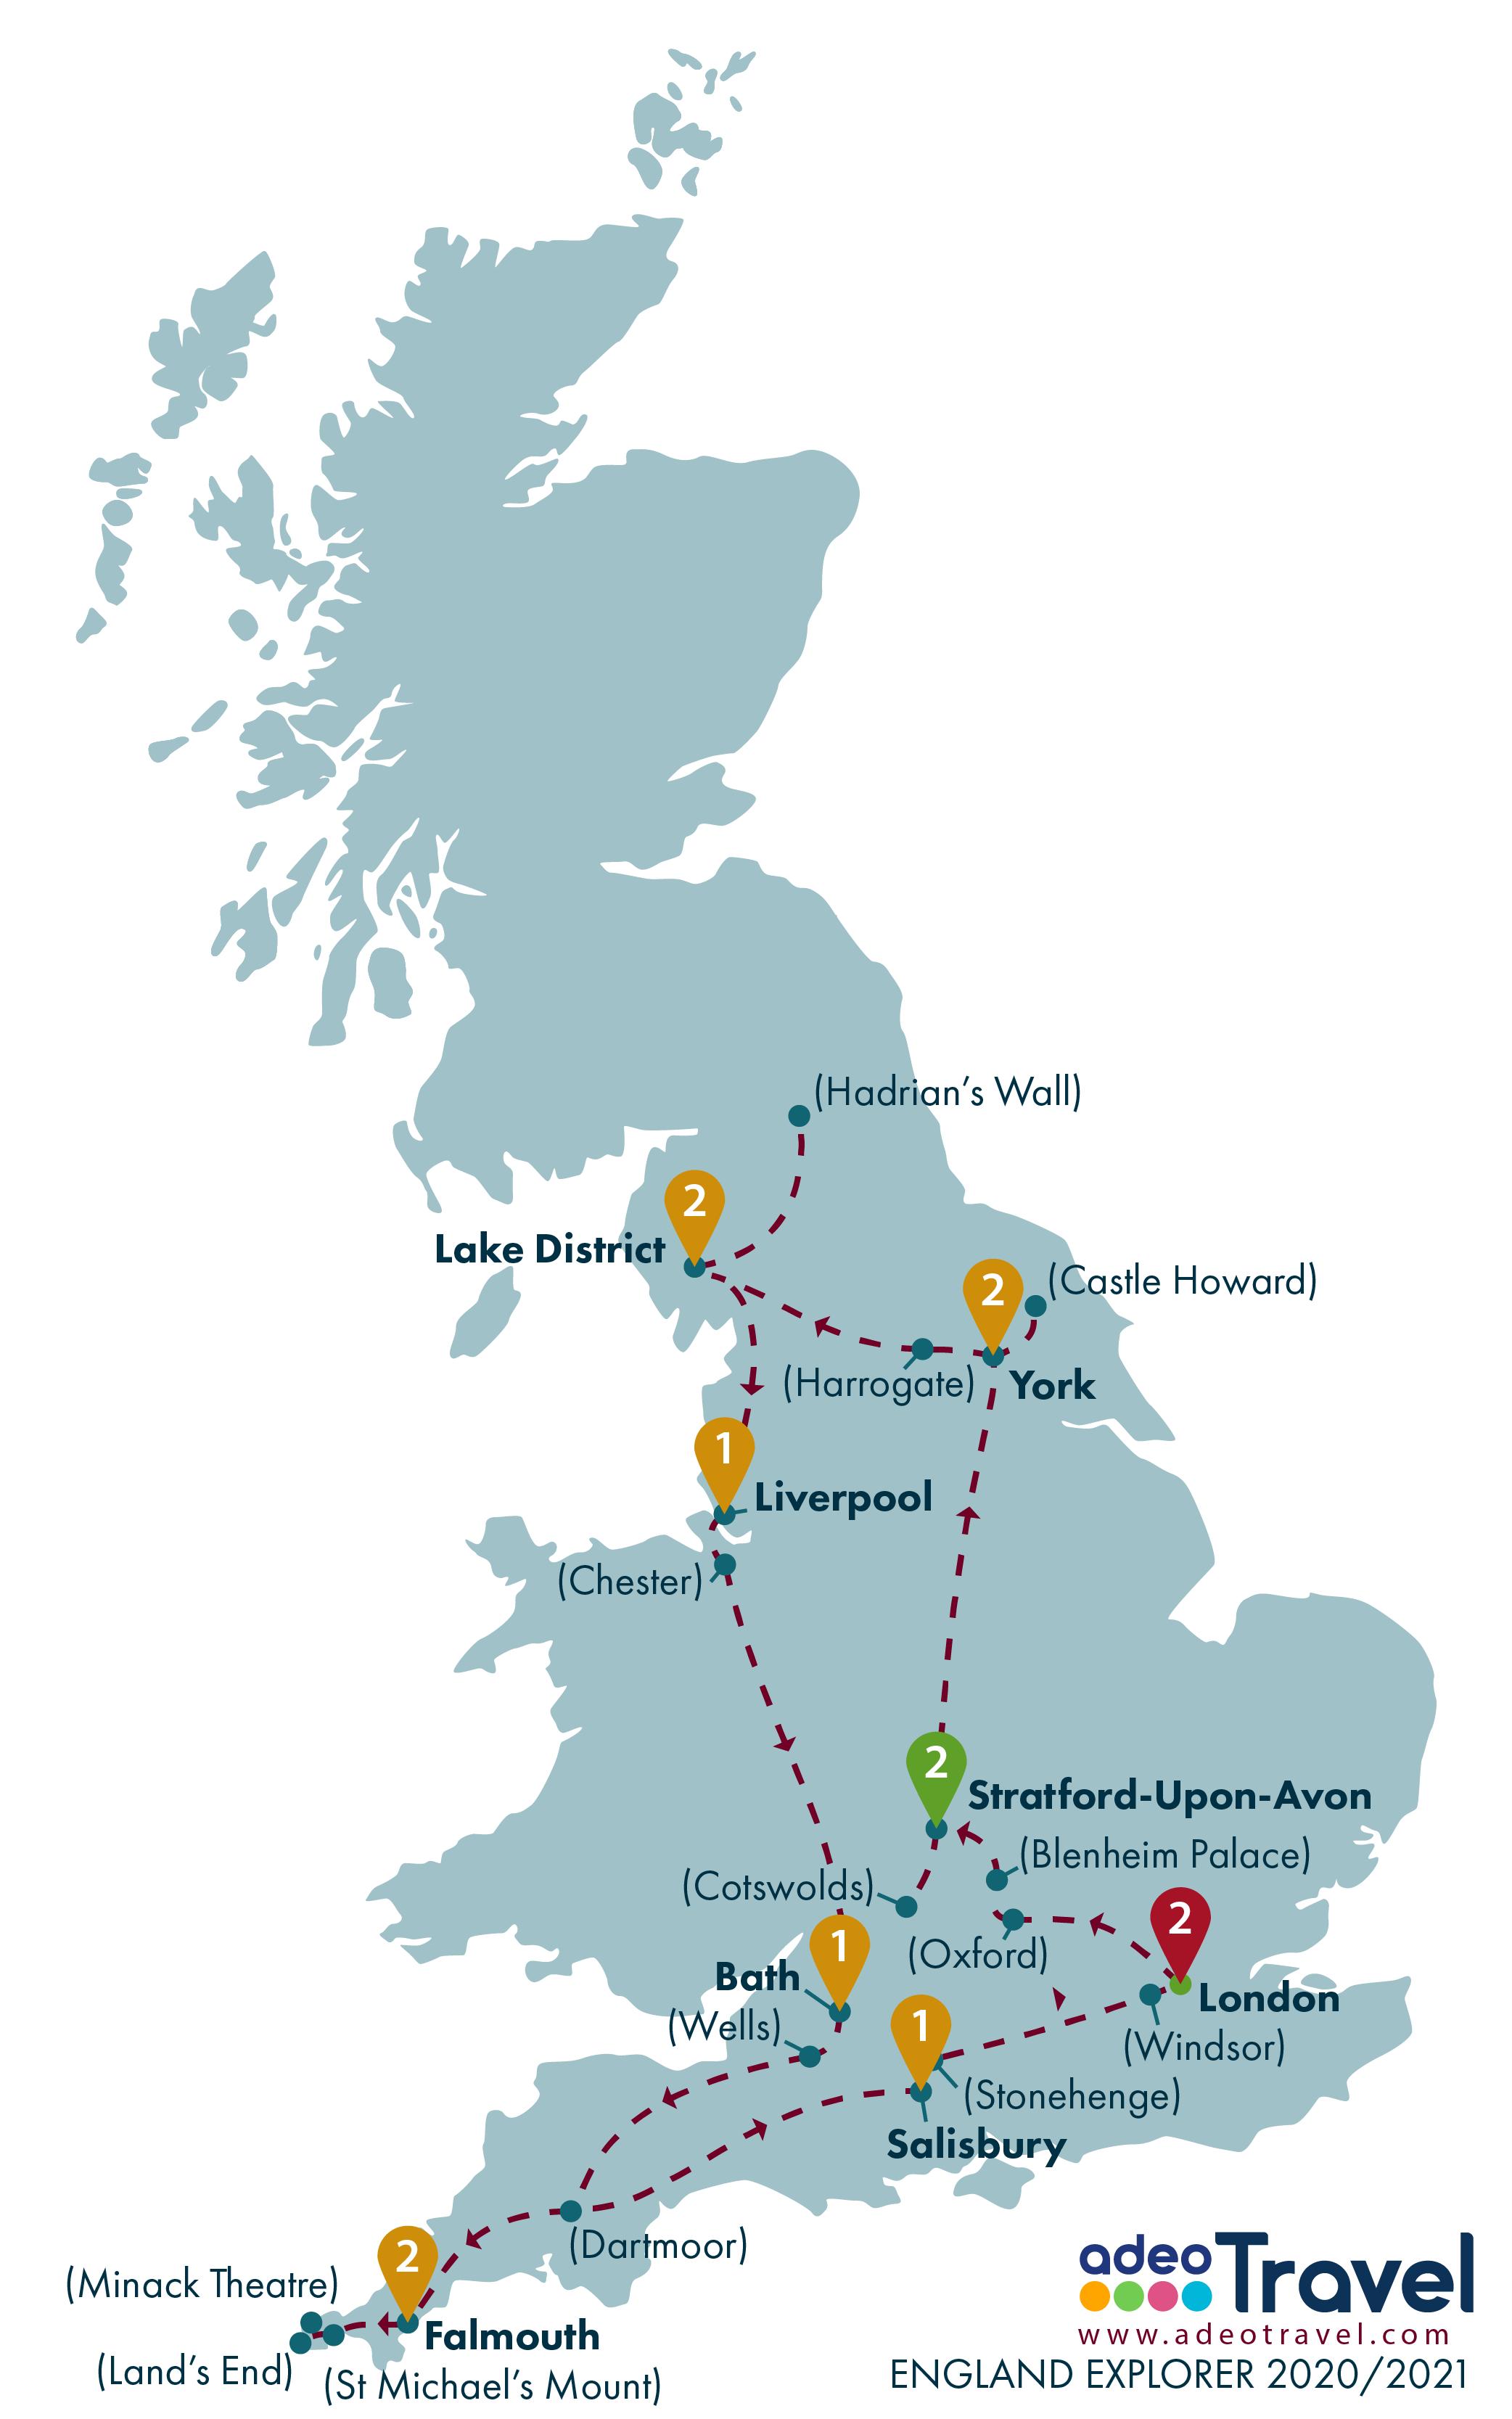 Map - England Explorer 2020 2021